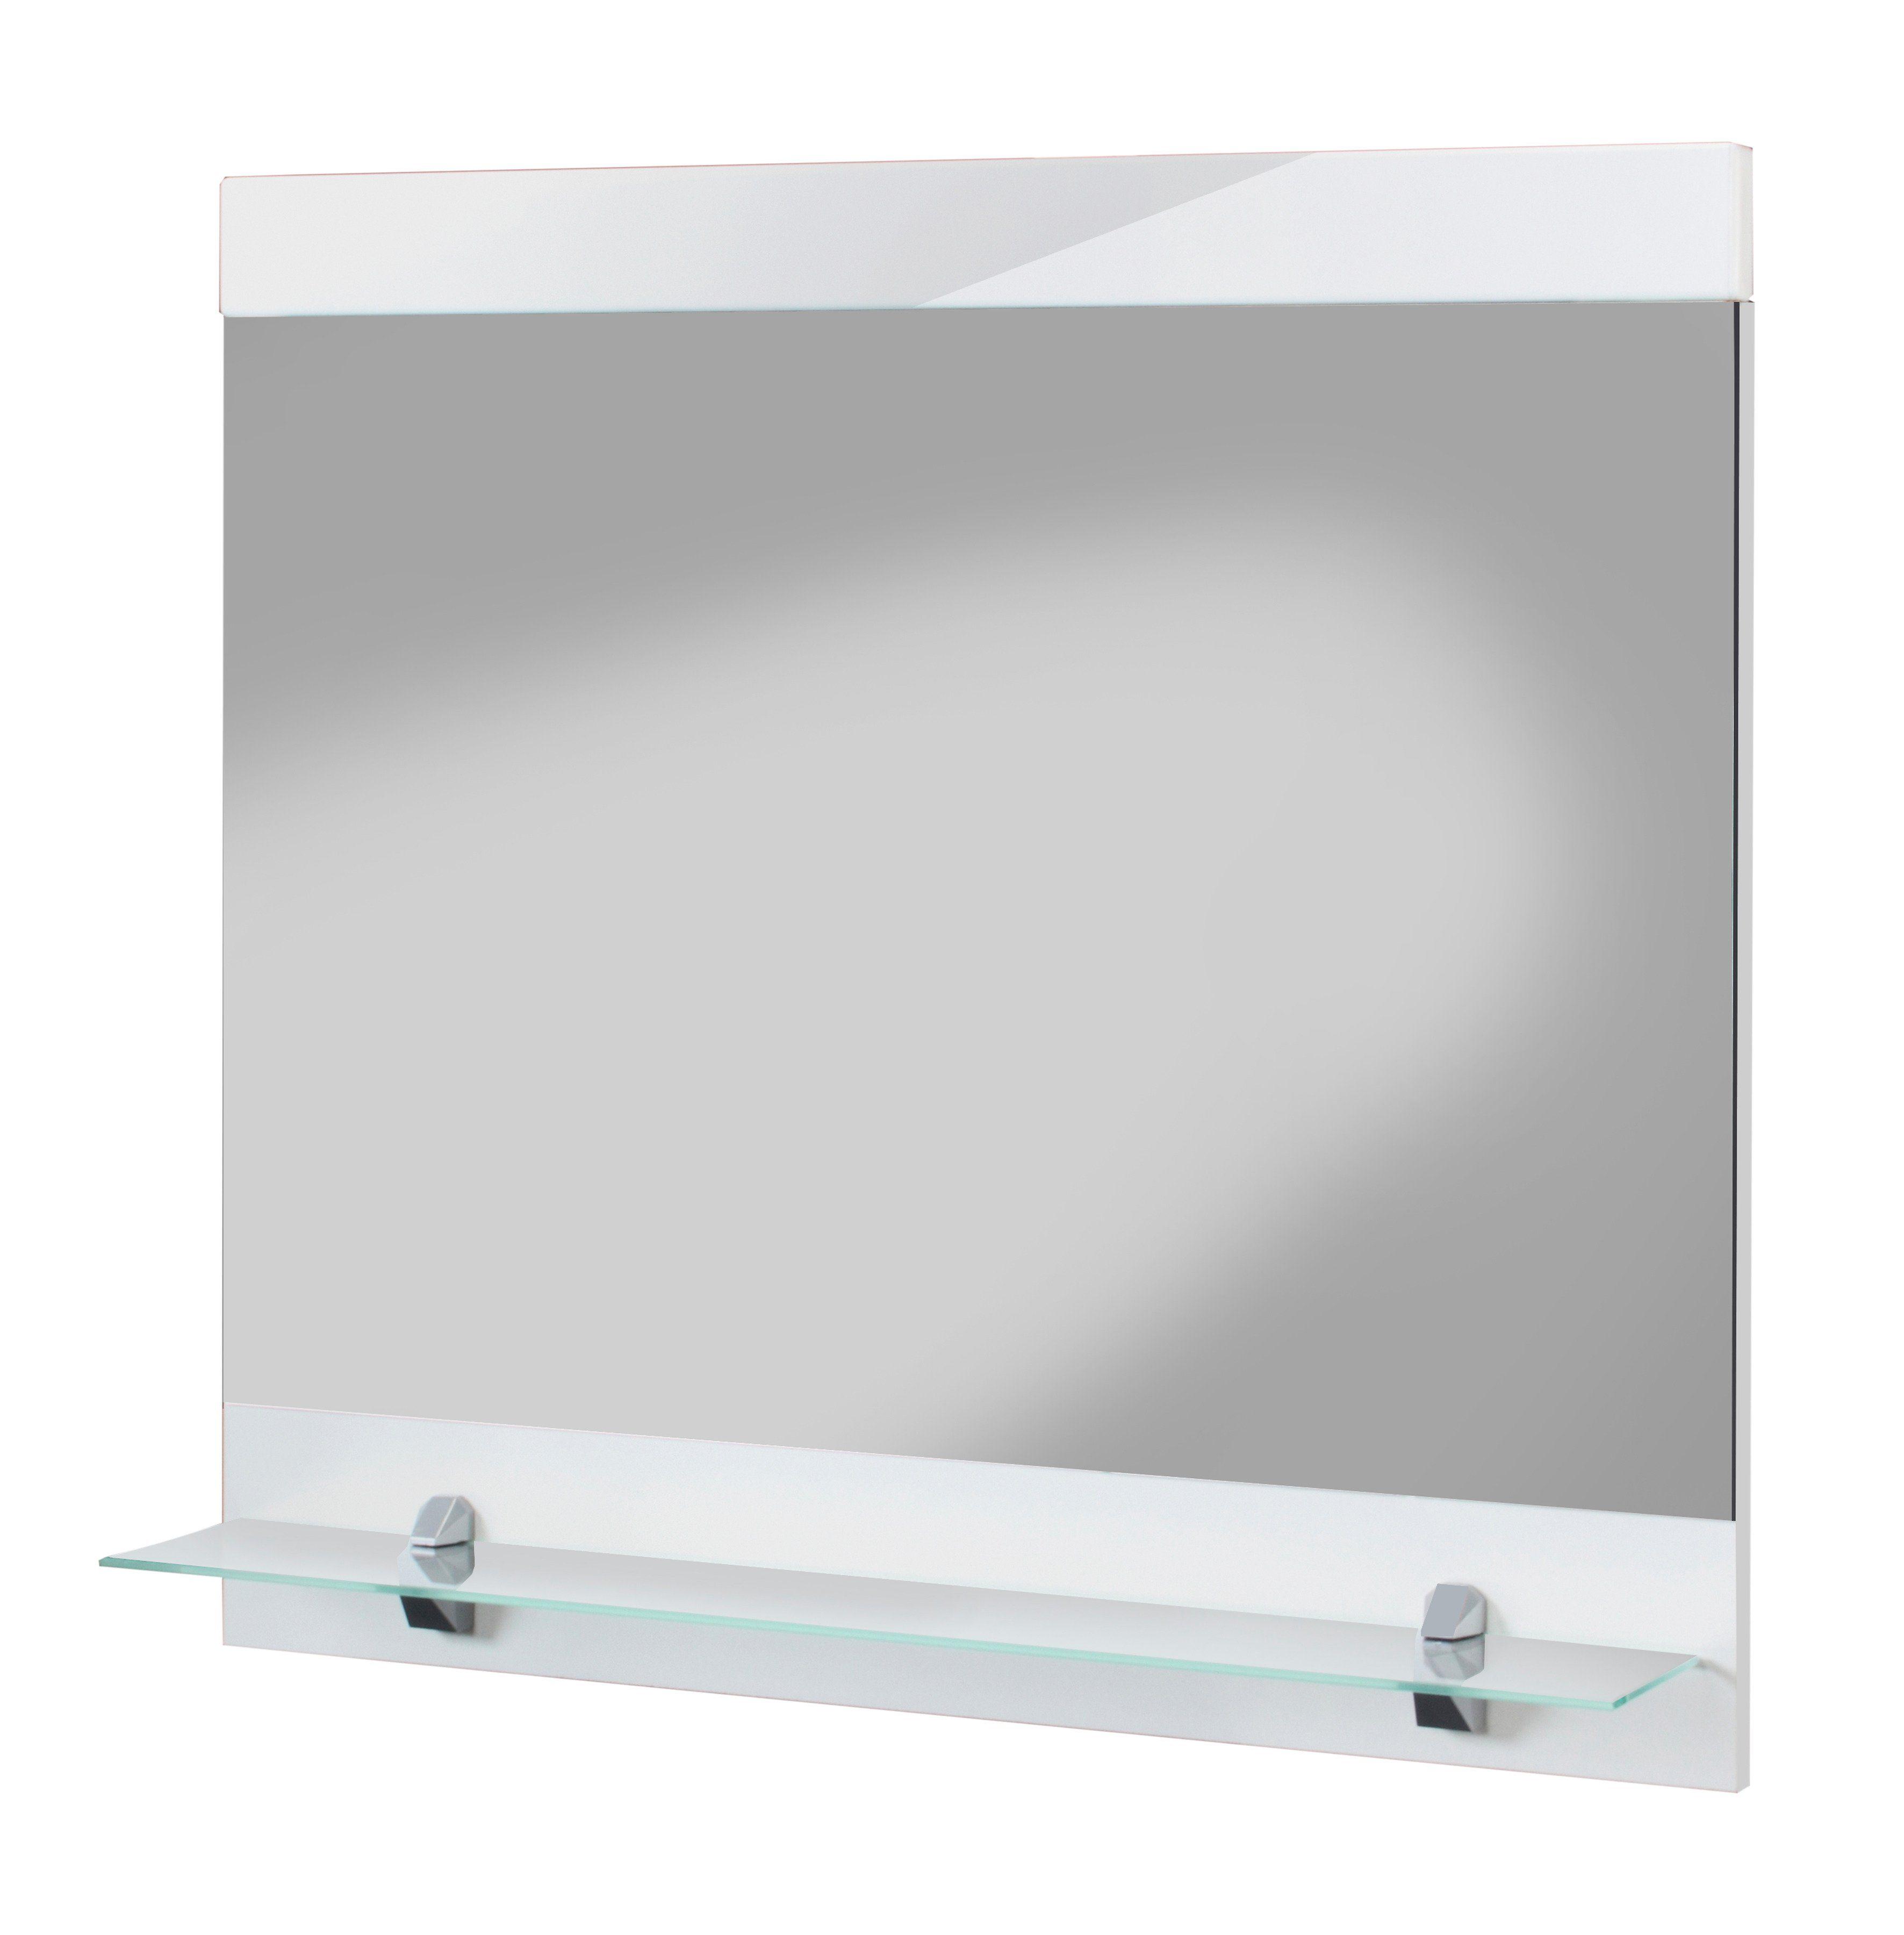 Spiegel / Badspiegel »Aqua« Breite 60 cm, mit Ablage